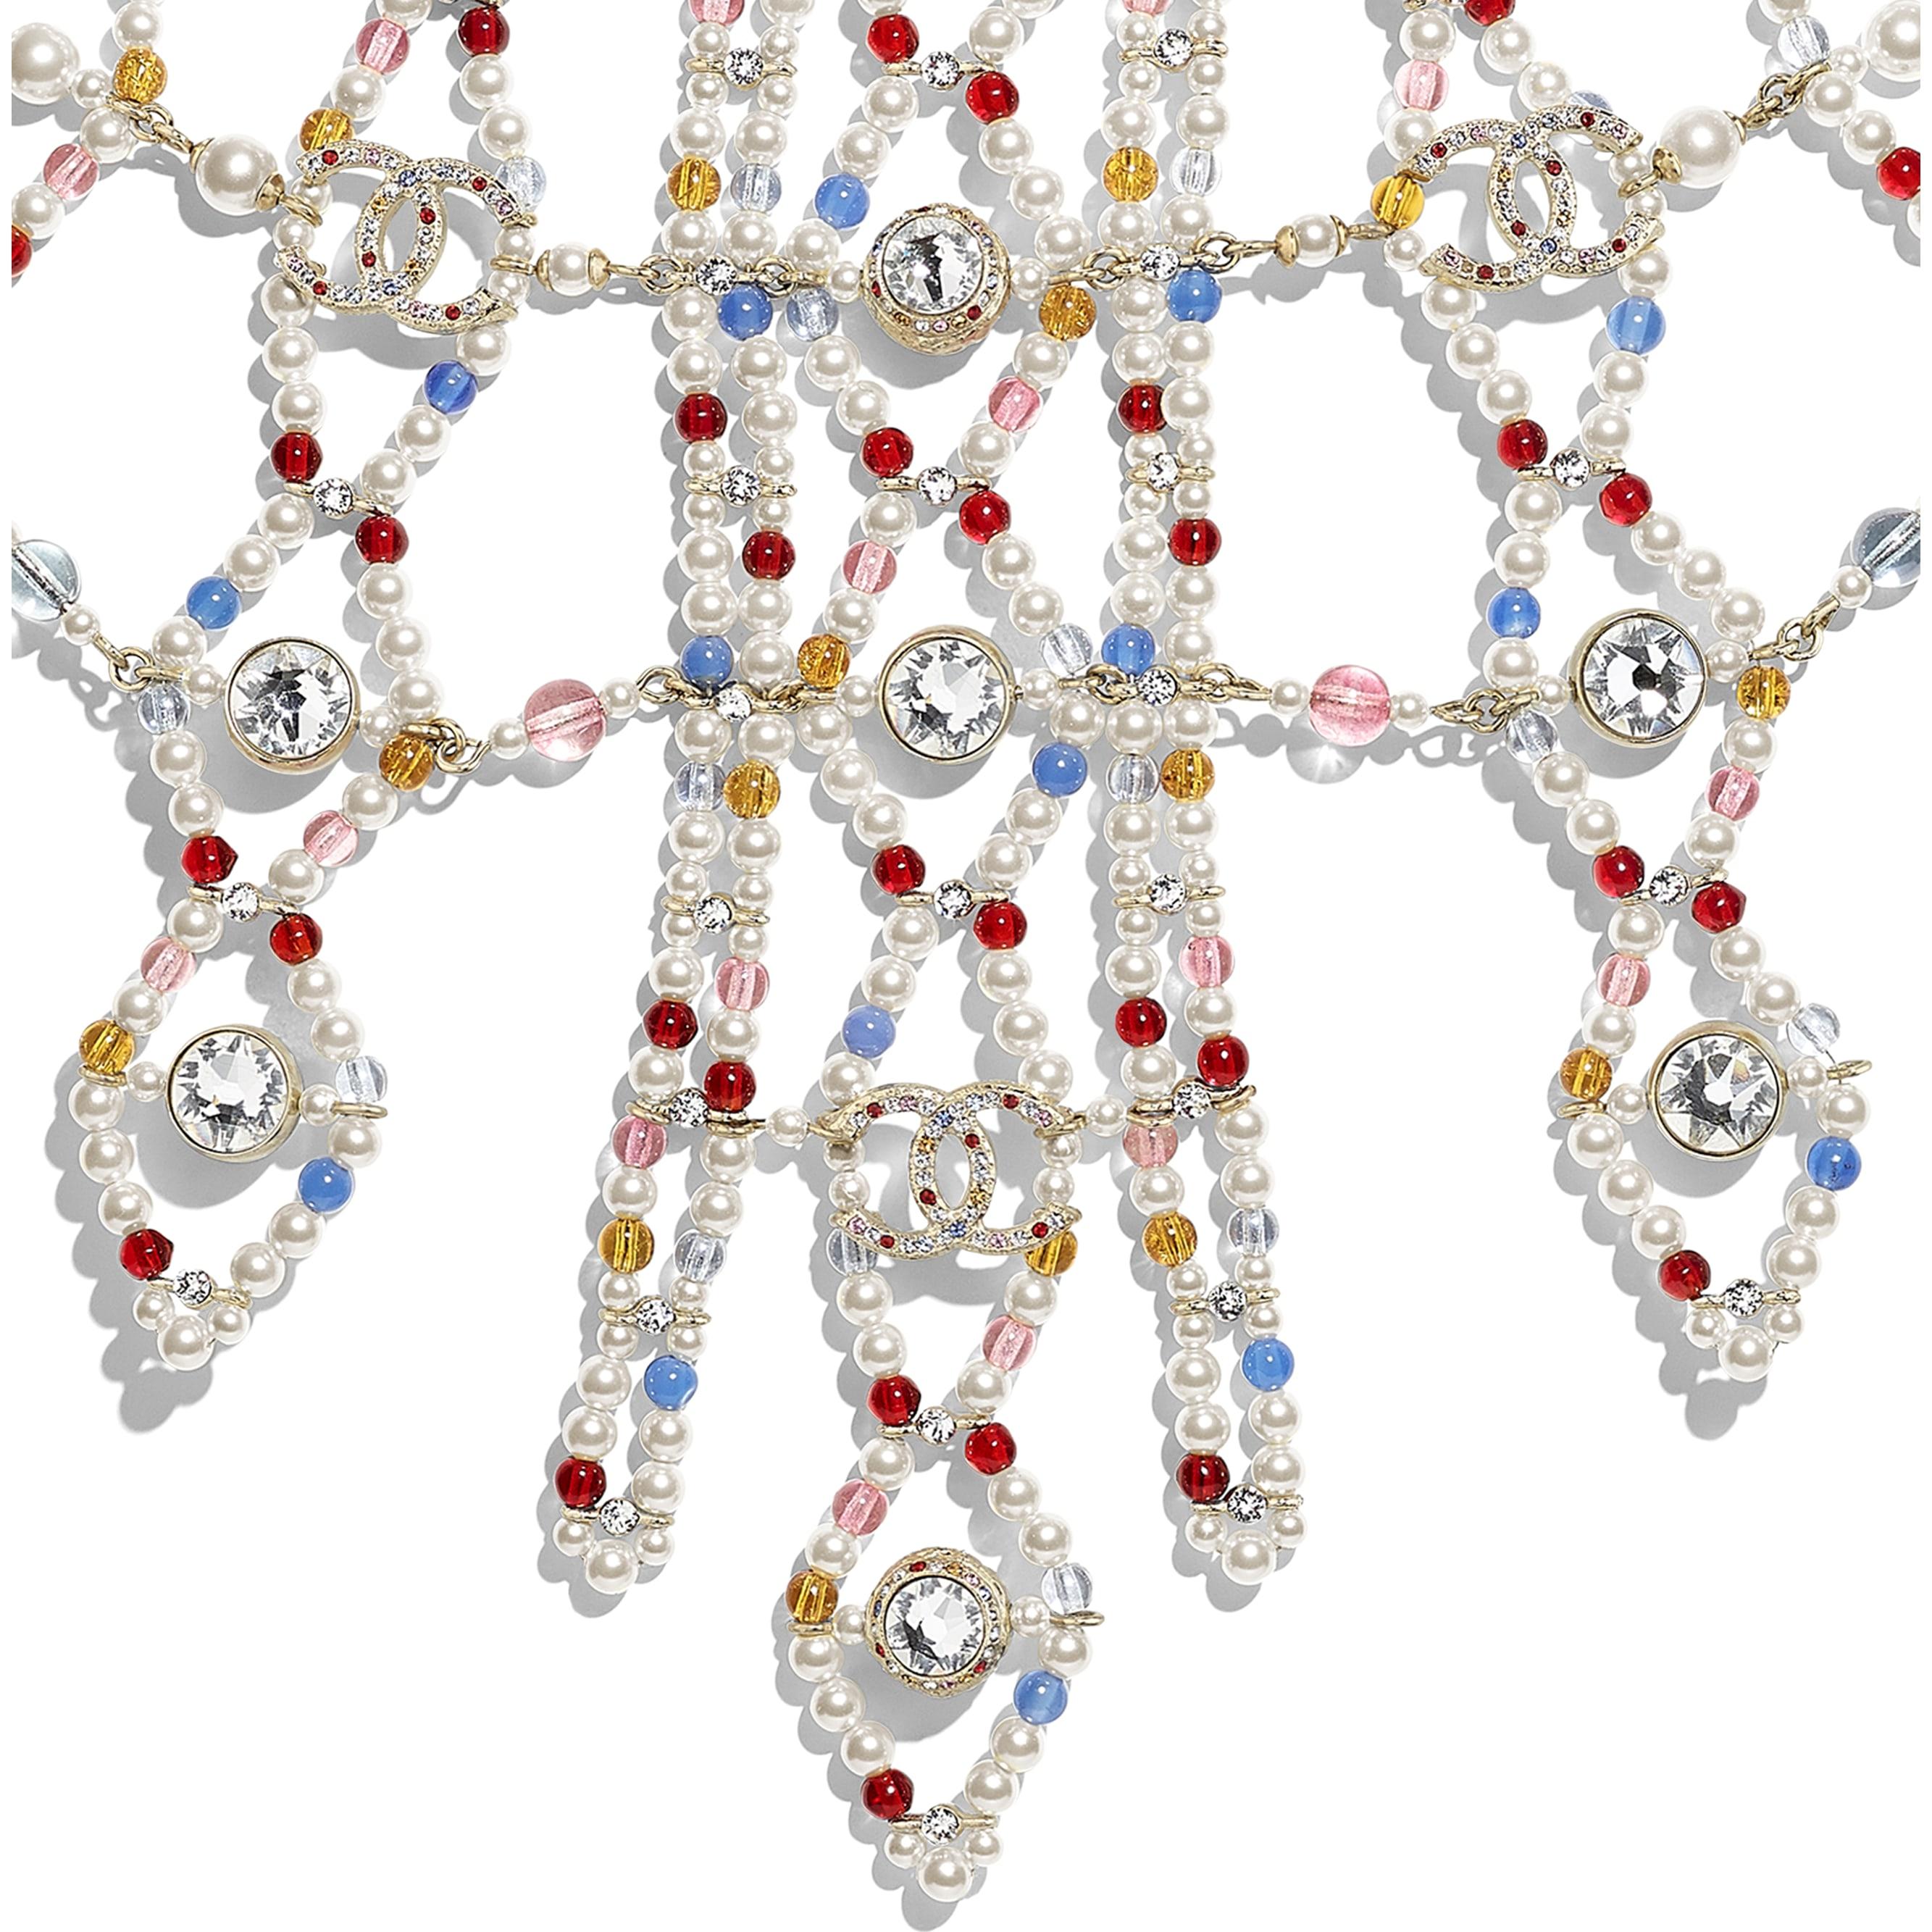 Halskette - Goldfarben, mehrfarbig, Perlmuttweiß & Kristall - Metall, Natursteine, Glasperlen & Strass - Weitere Ansicht - Standardgröße anzeigen